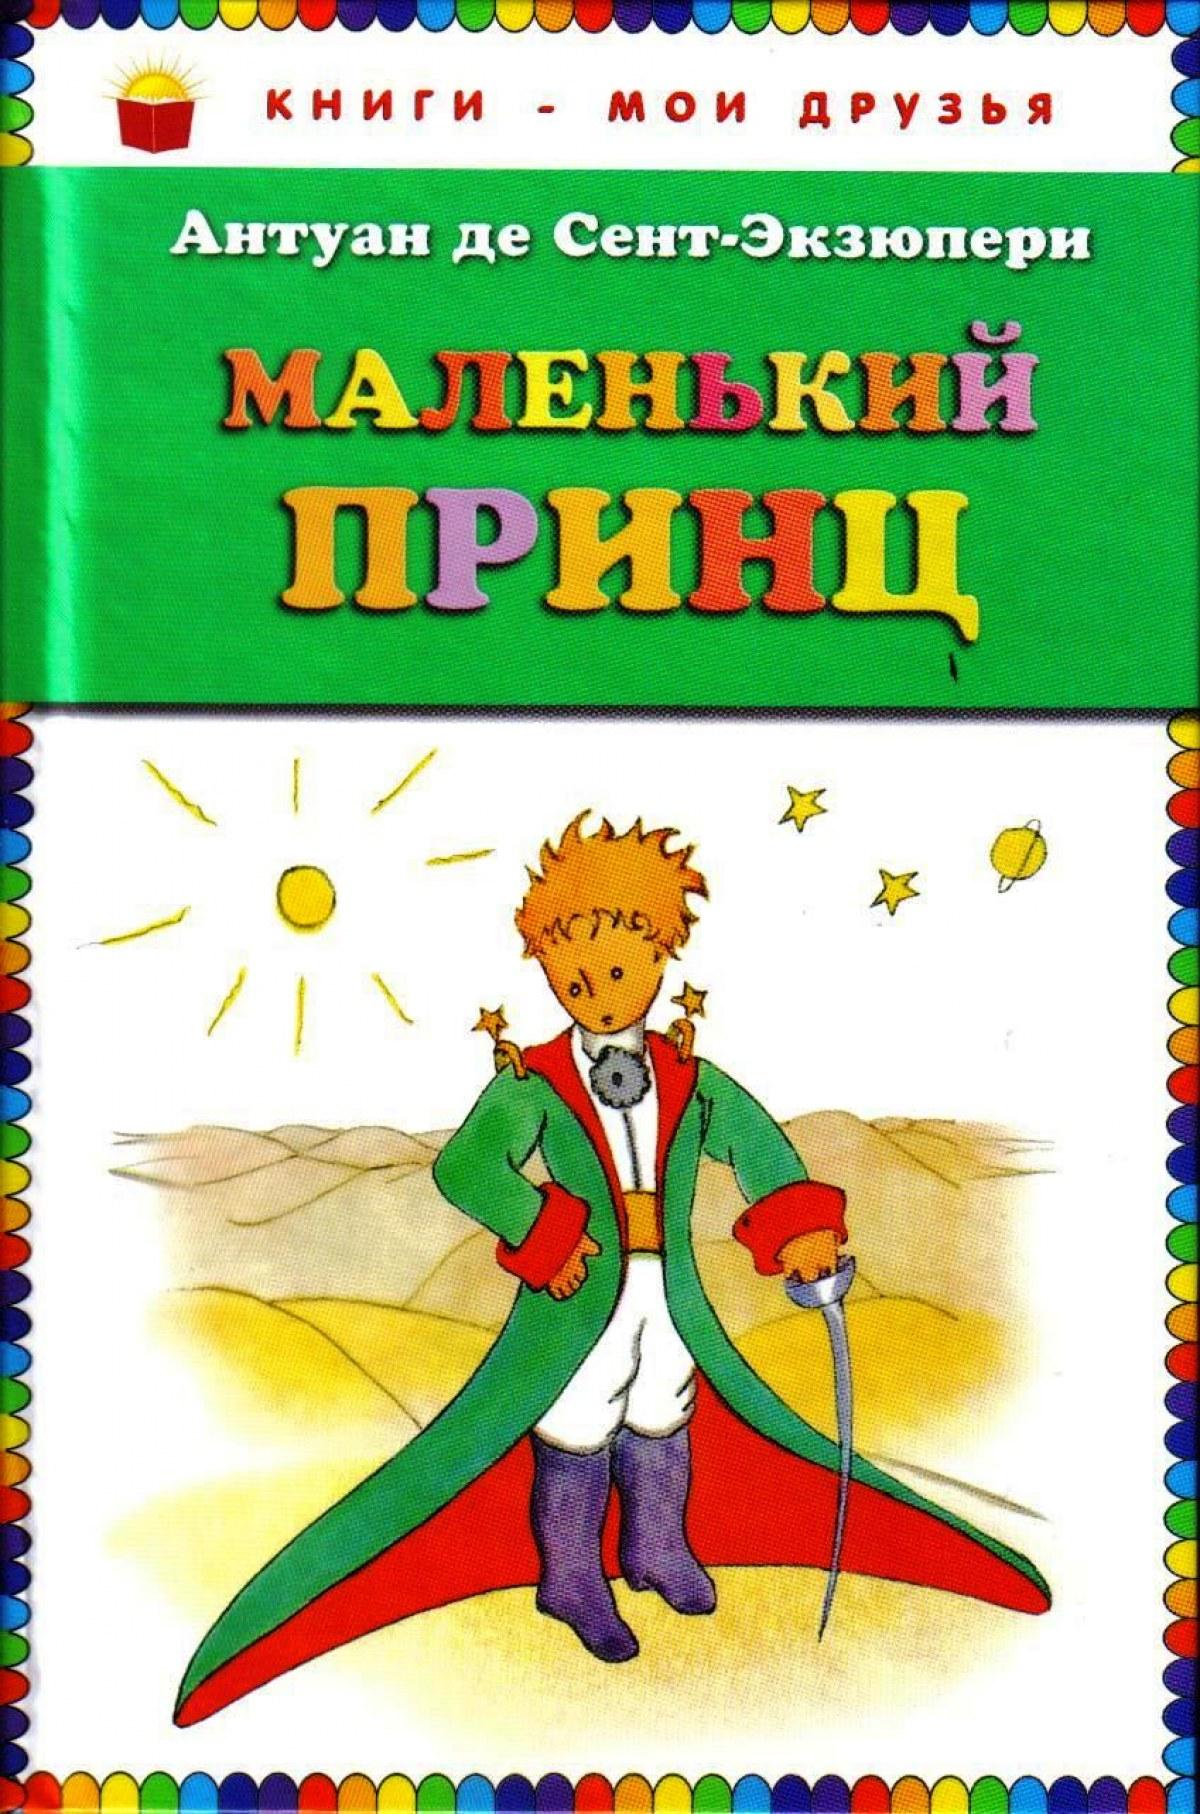 Majiehbknn nphhu